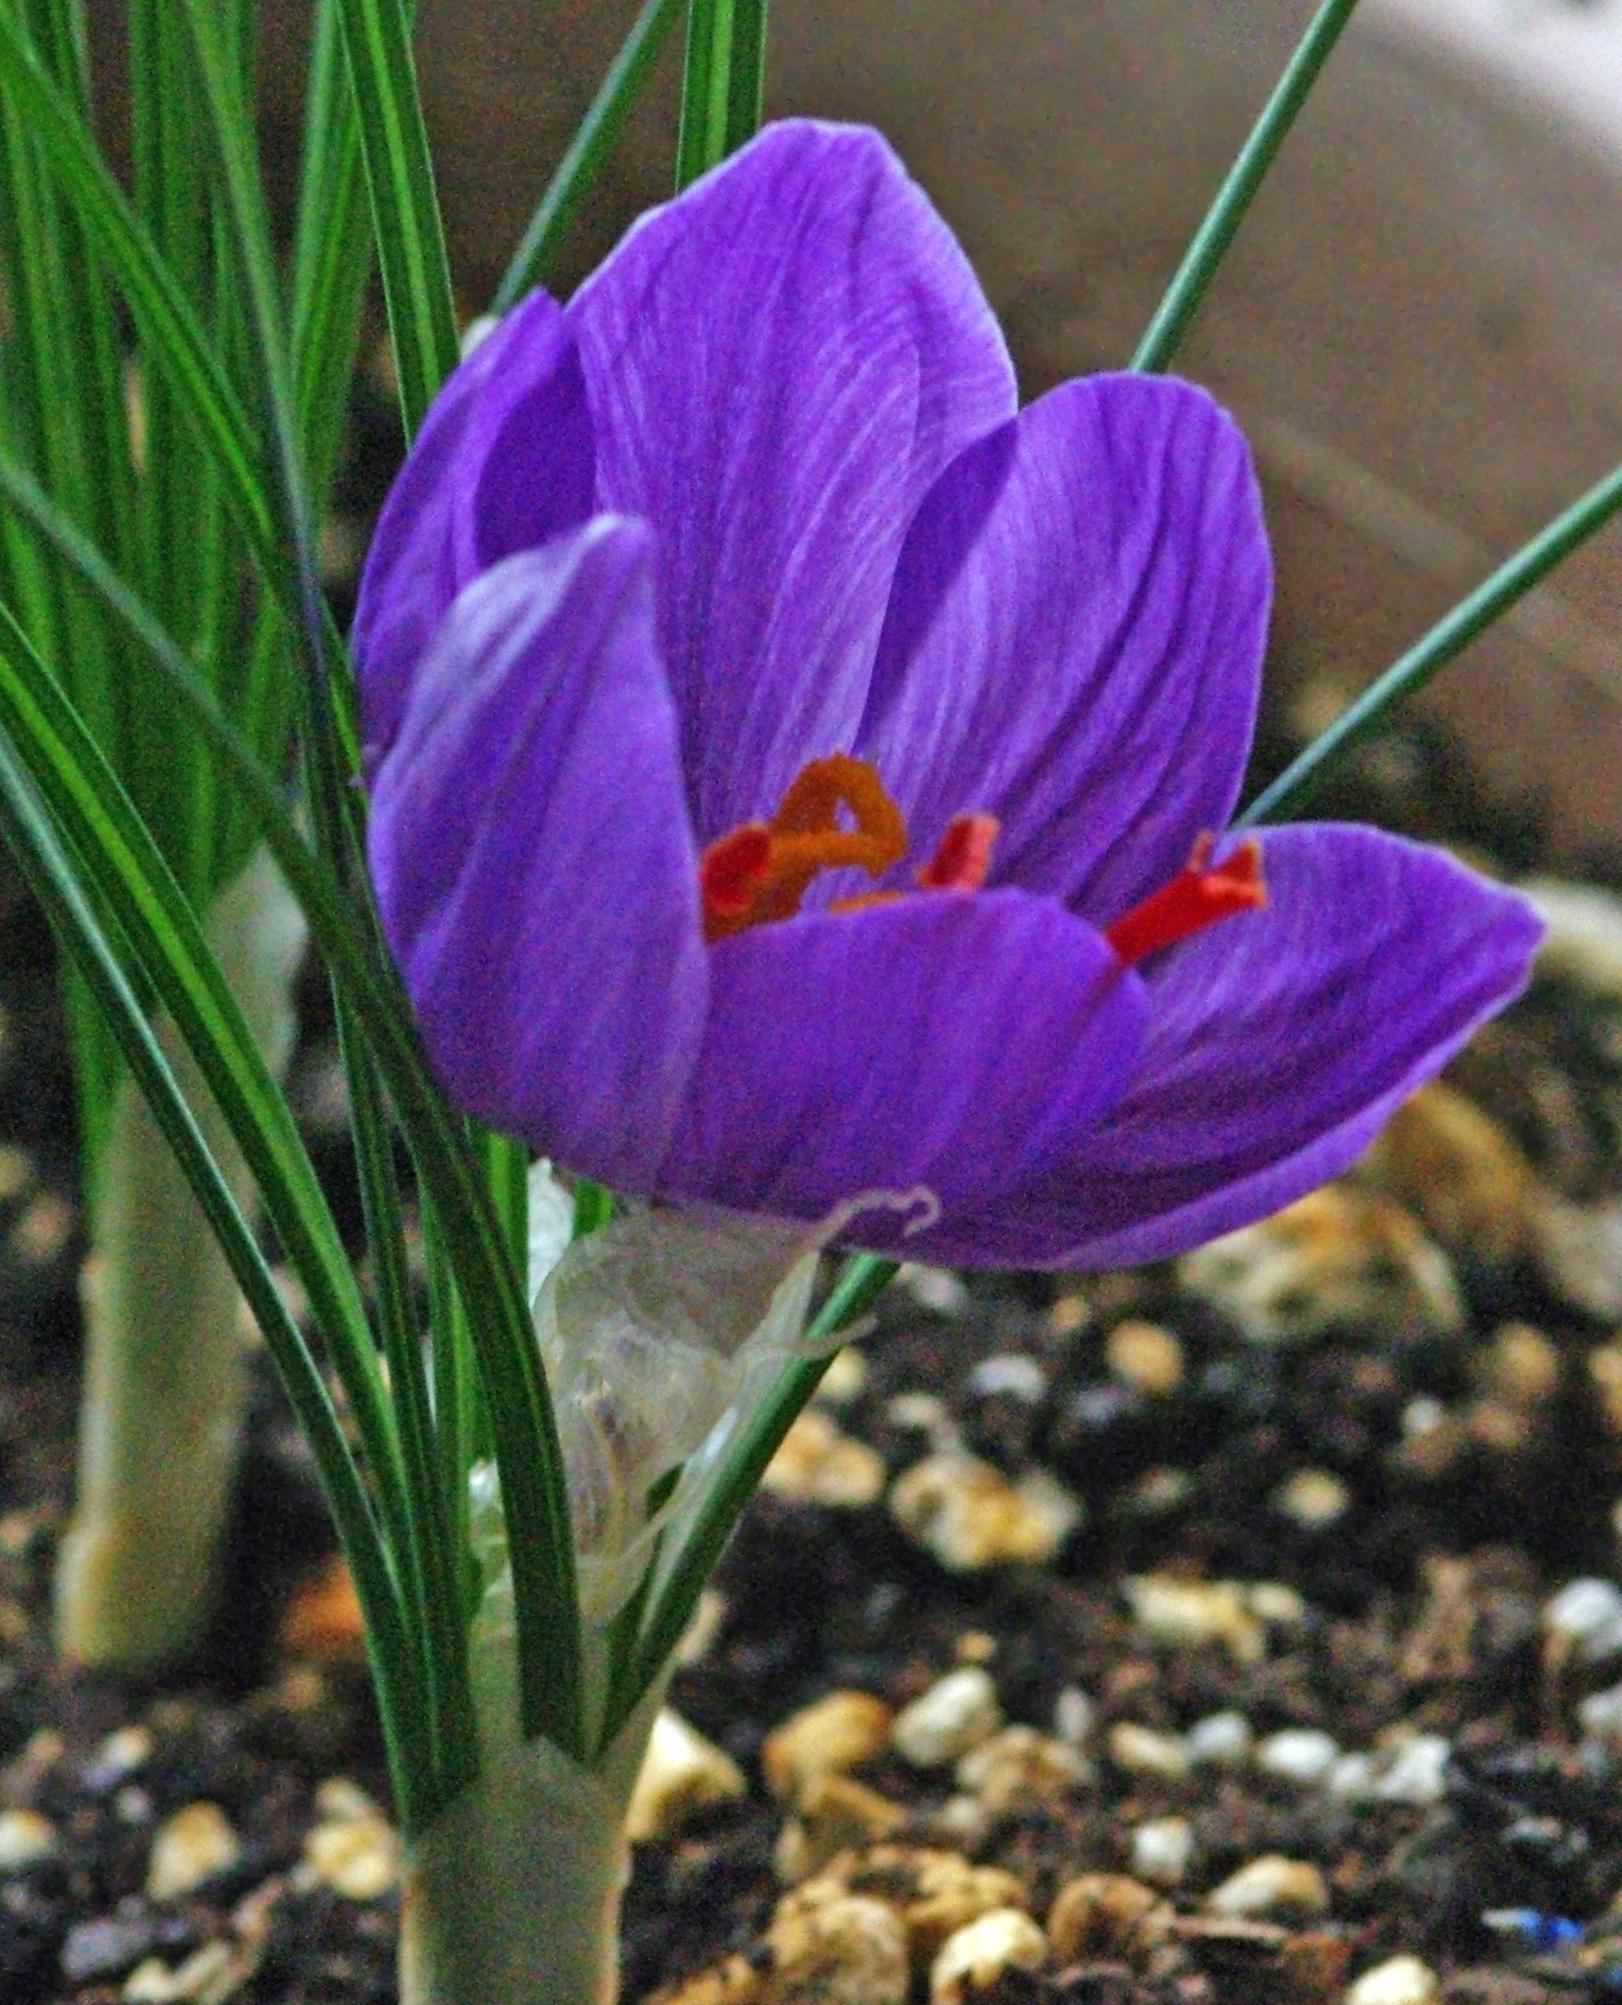 File:Crocus sativus - Saffron crocus - Safran 01.JPG - Wikimedia ...